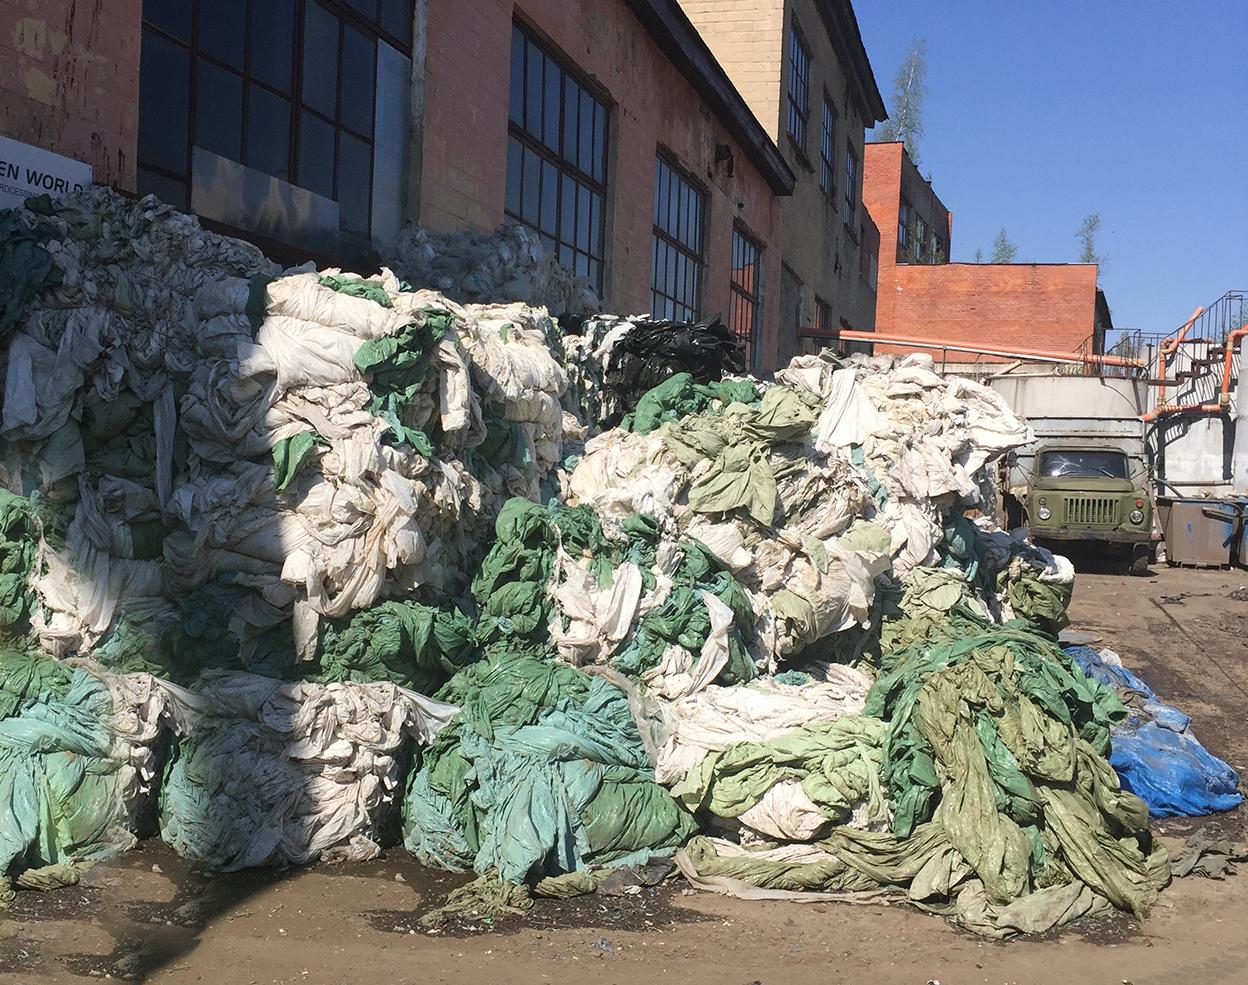 Müll - Abfall -Rohstoff